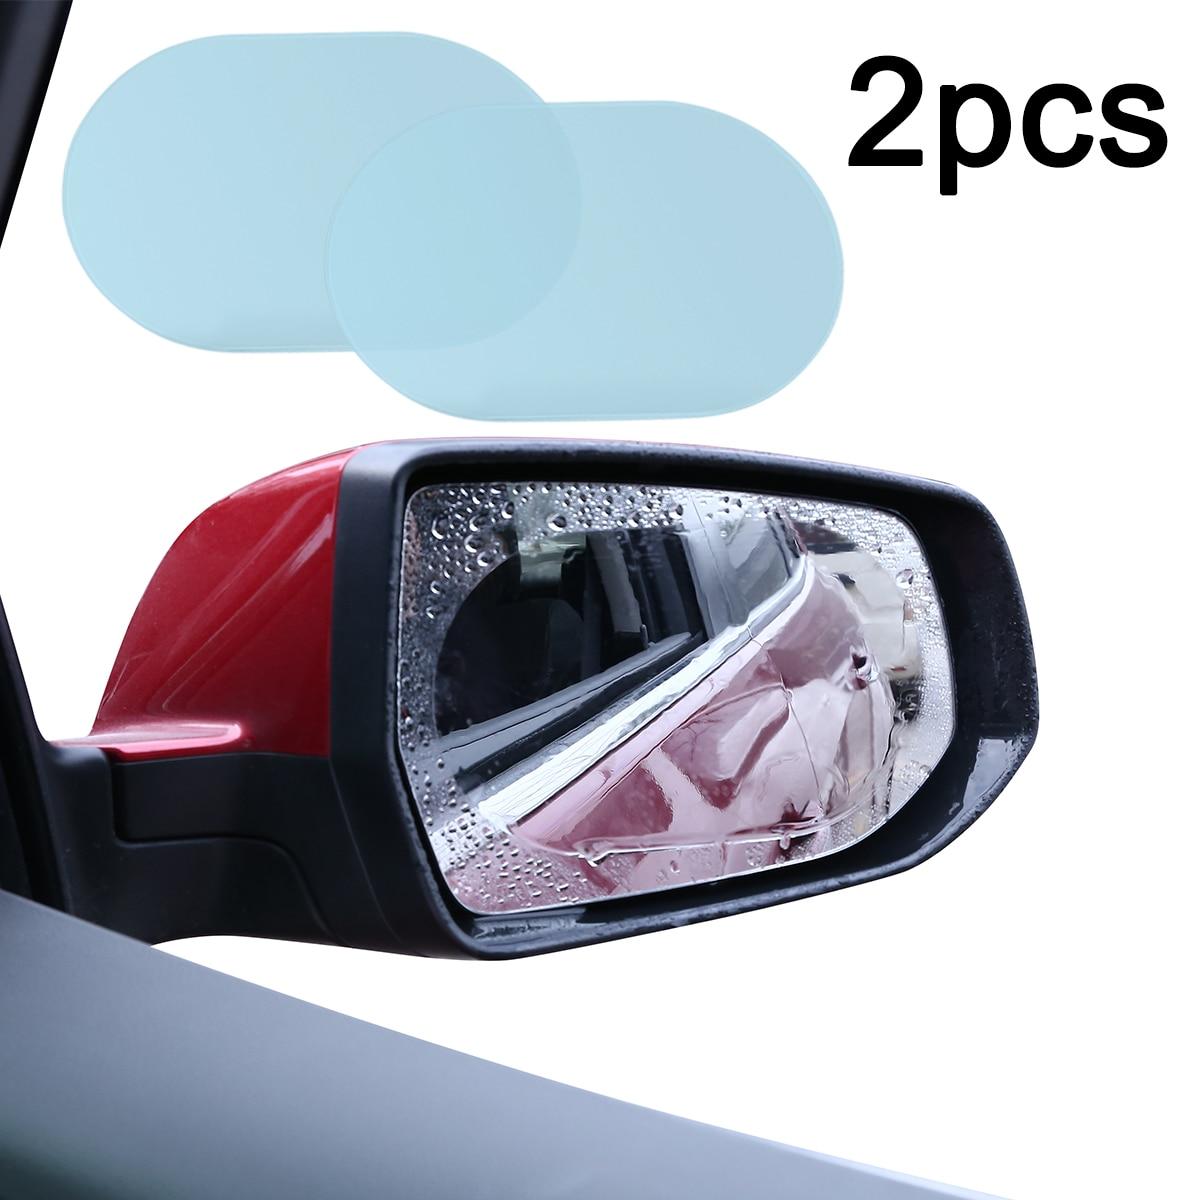 Mayitr 2 個 140*100 ミリメートル車の抗水霧フィルム防雨バックミラー窓保護フィルム